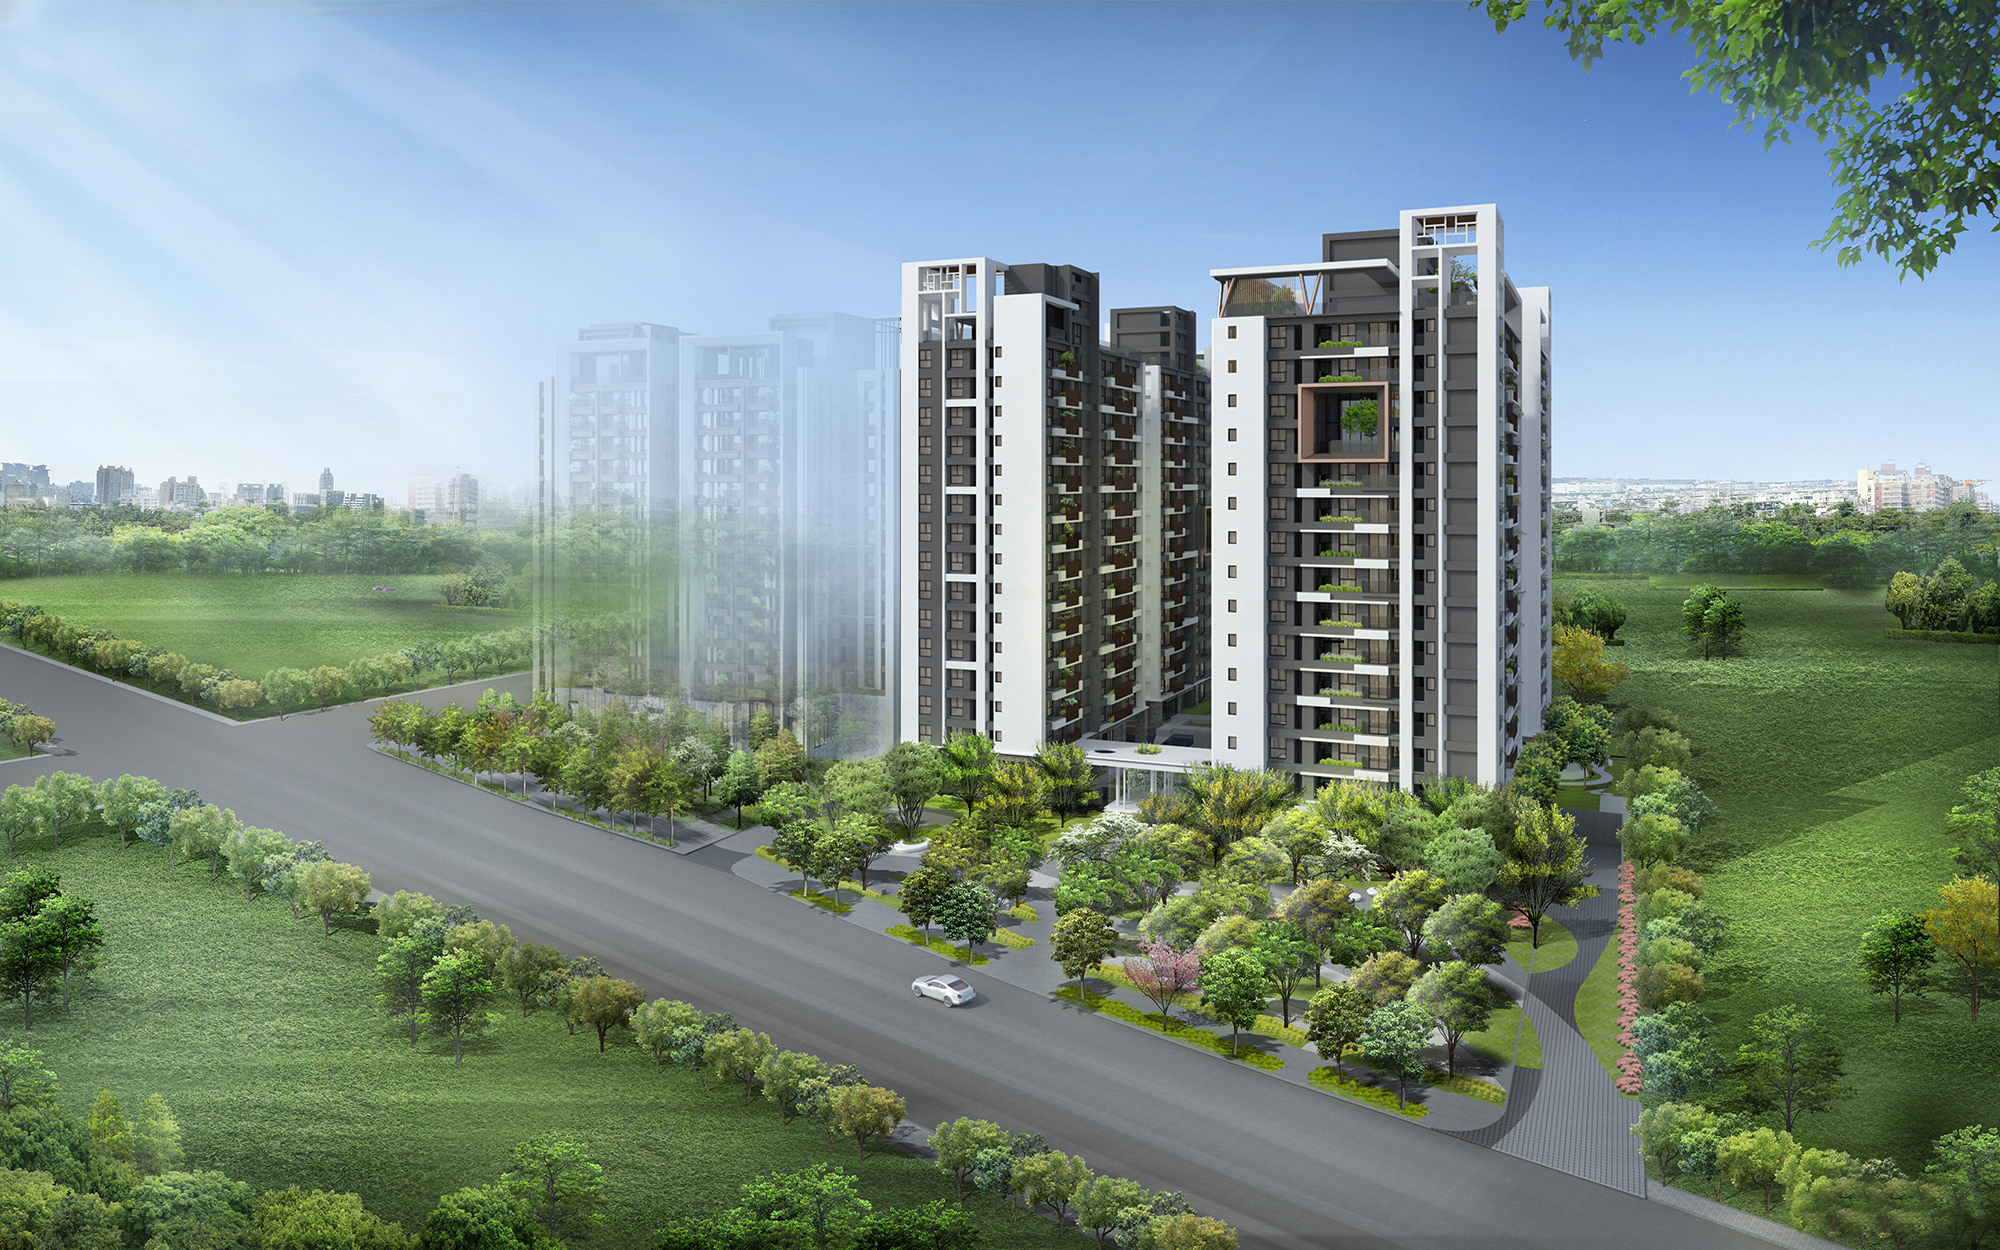 圖片:陞霖執美|5200坪自然系植感 新光重劃區 森林綠寓|建案開箱